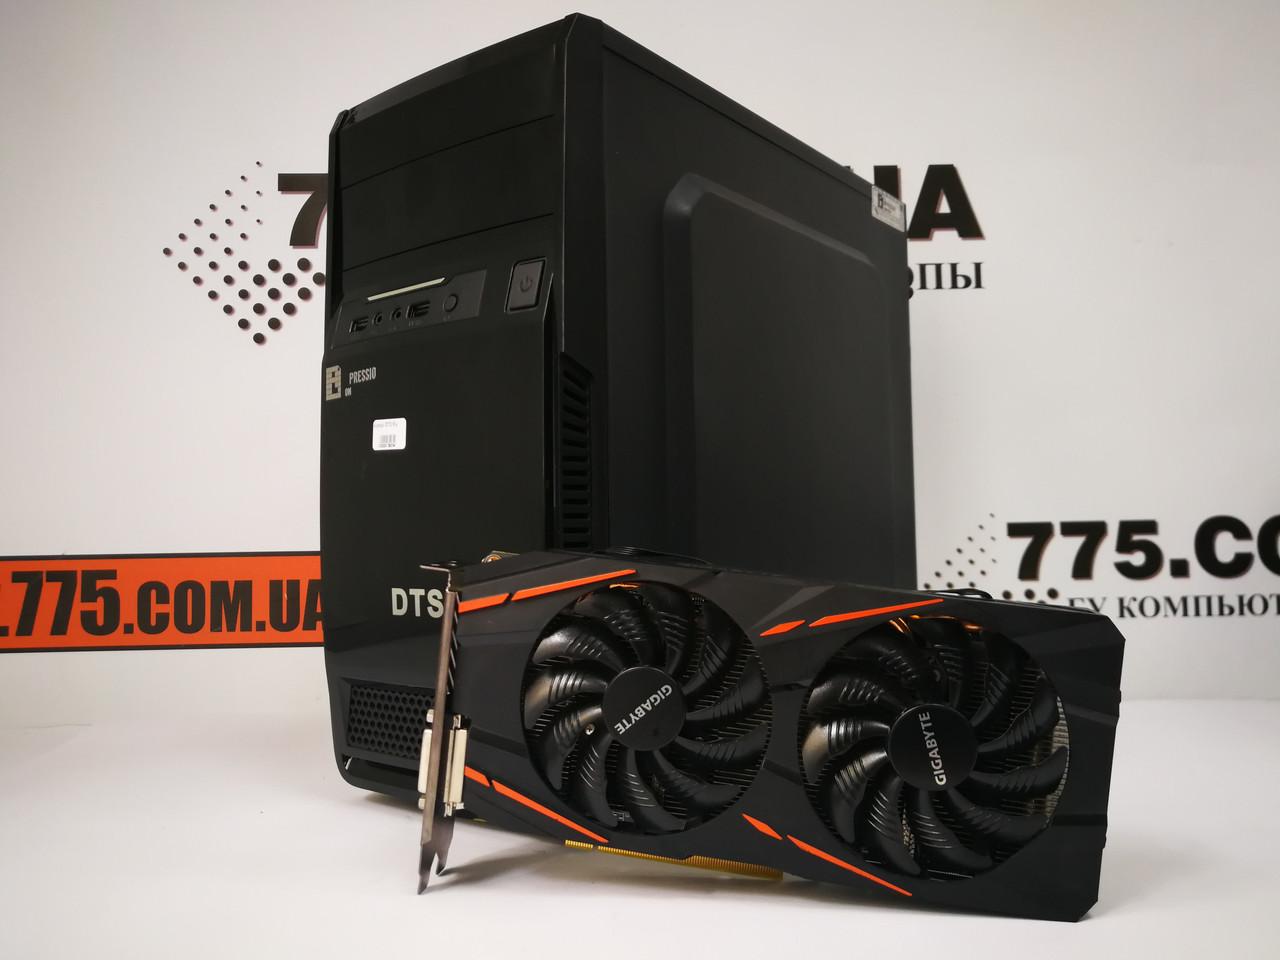 Игровой компьютер EuroCom, Intel Core i5-4570 3.6GHz, RAM 8ГБ, SSD 120ГБ, HDD 500ГБ, Radeon RX 570 4GB